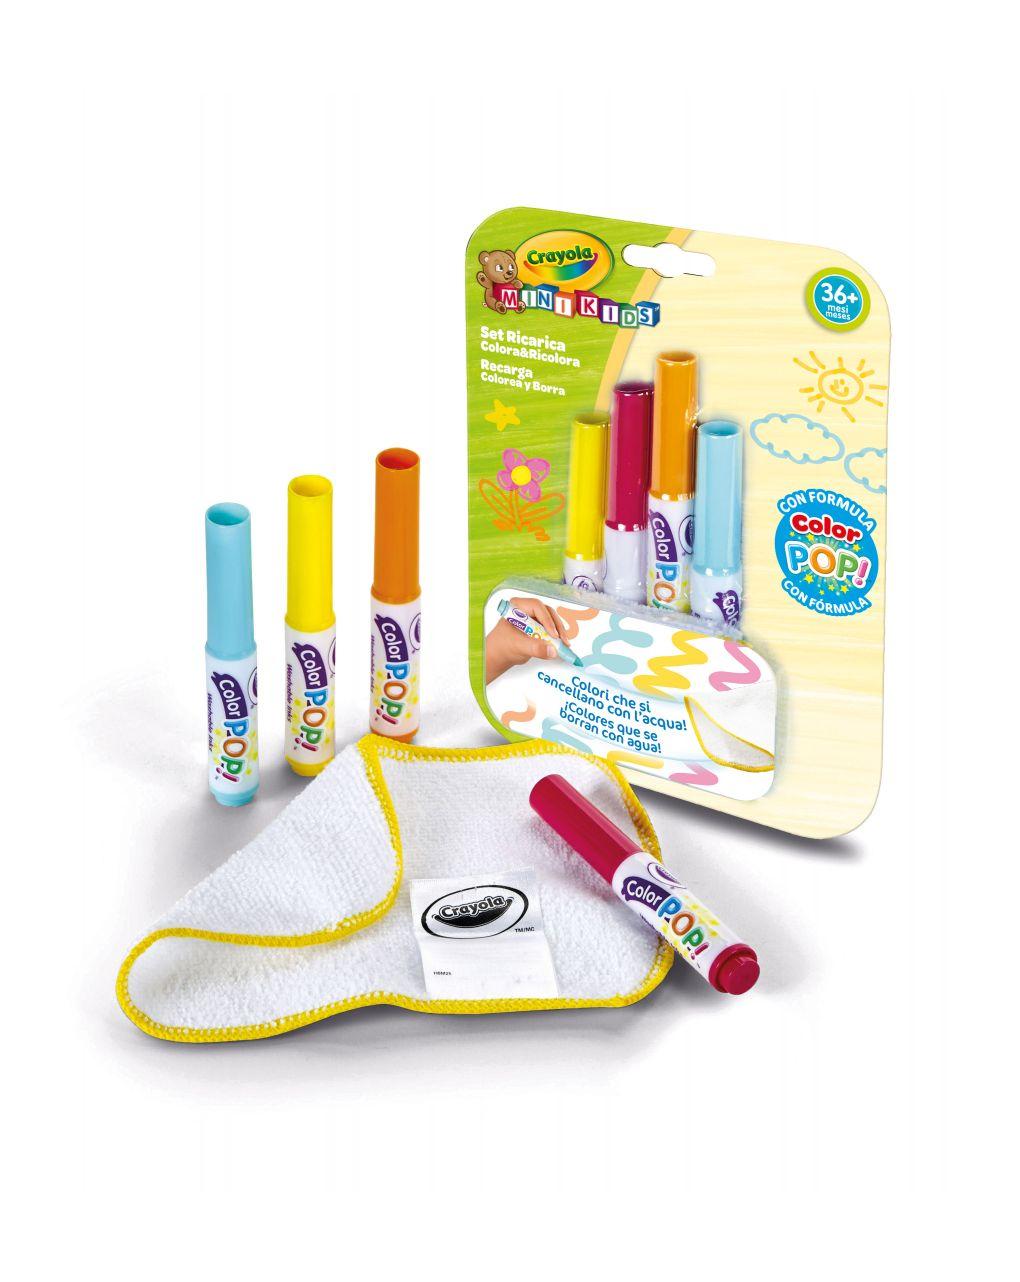 Crayola - refil mat color e recolorir mini kids - Crayola